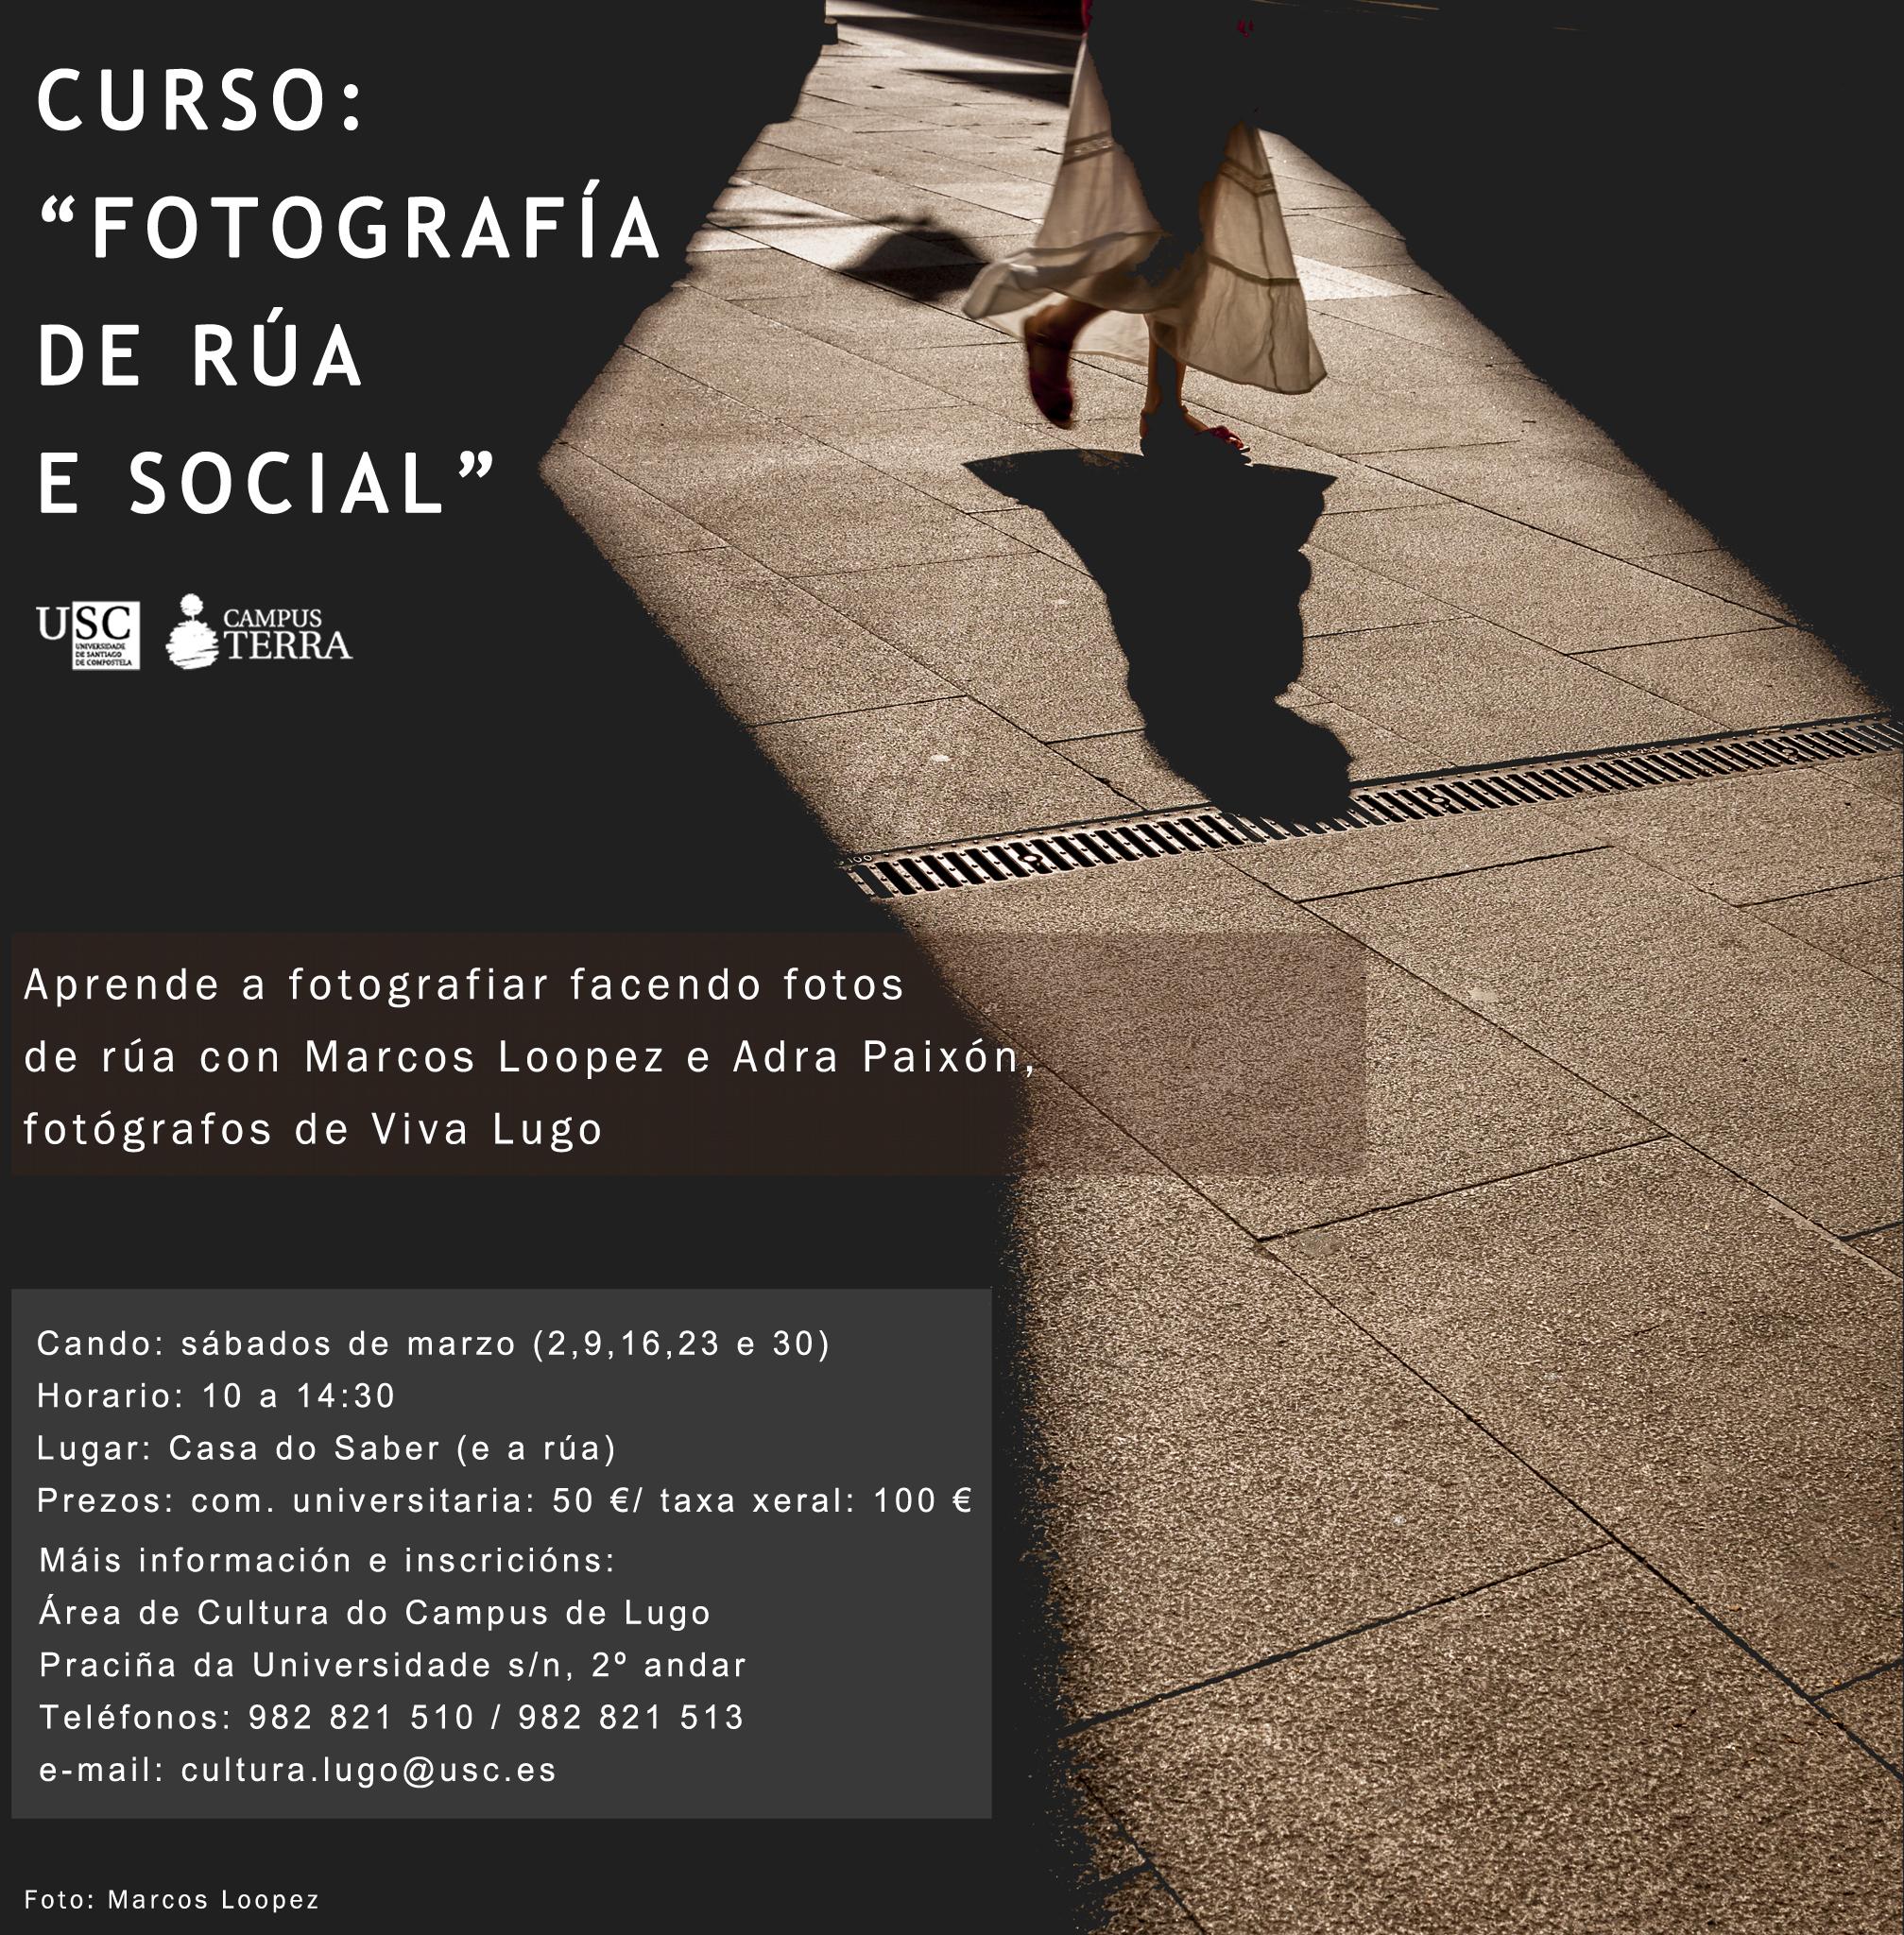 Cursos de fotografía no Campus USC – Lugo